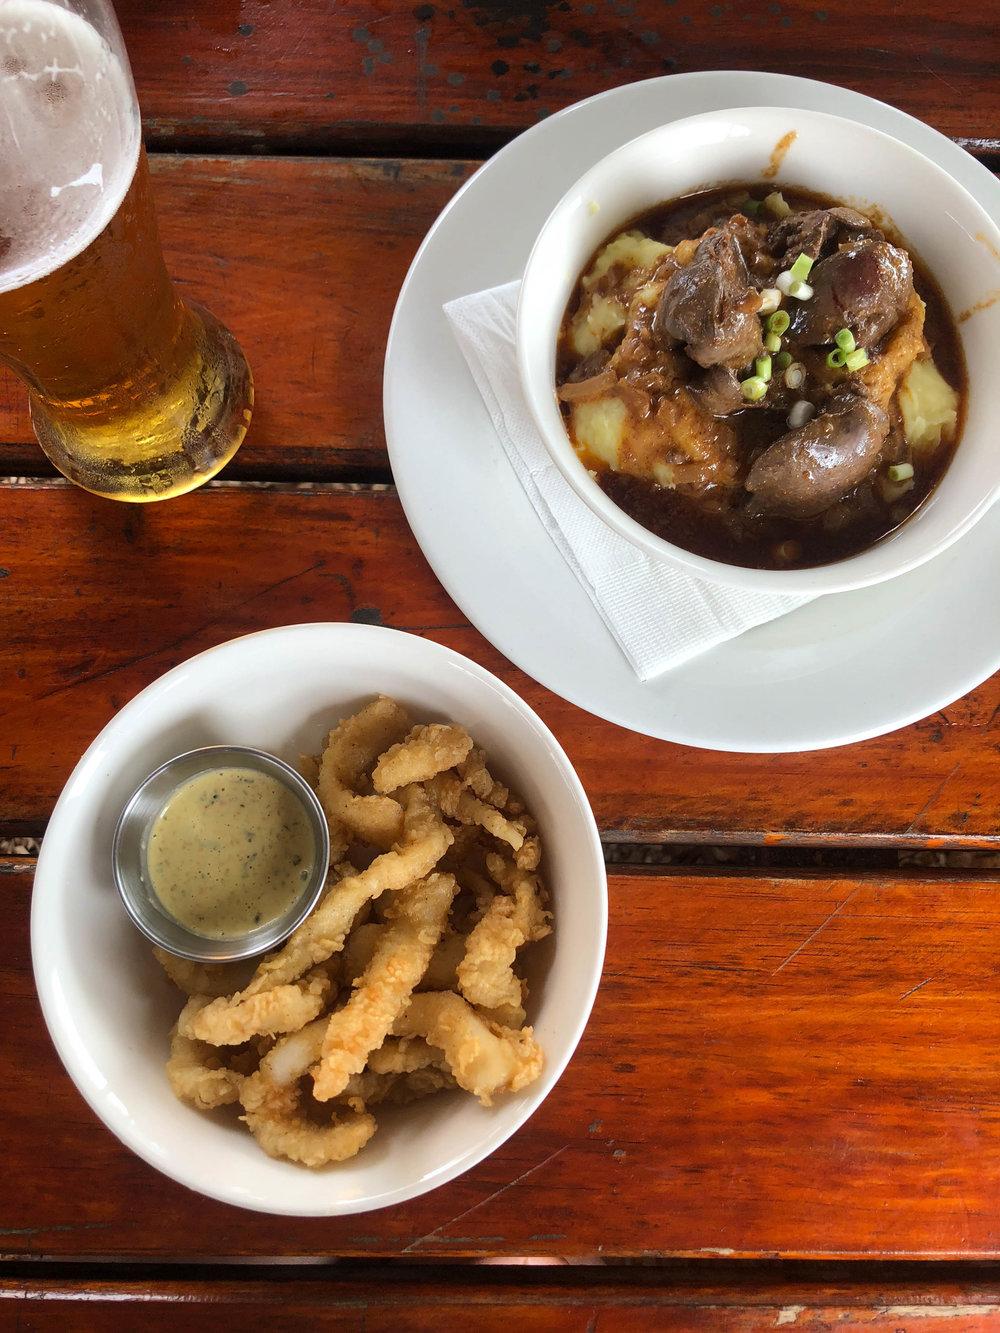 Peri-Peri chicken livers and mash and calamari